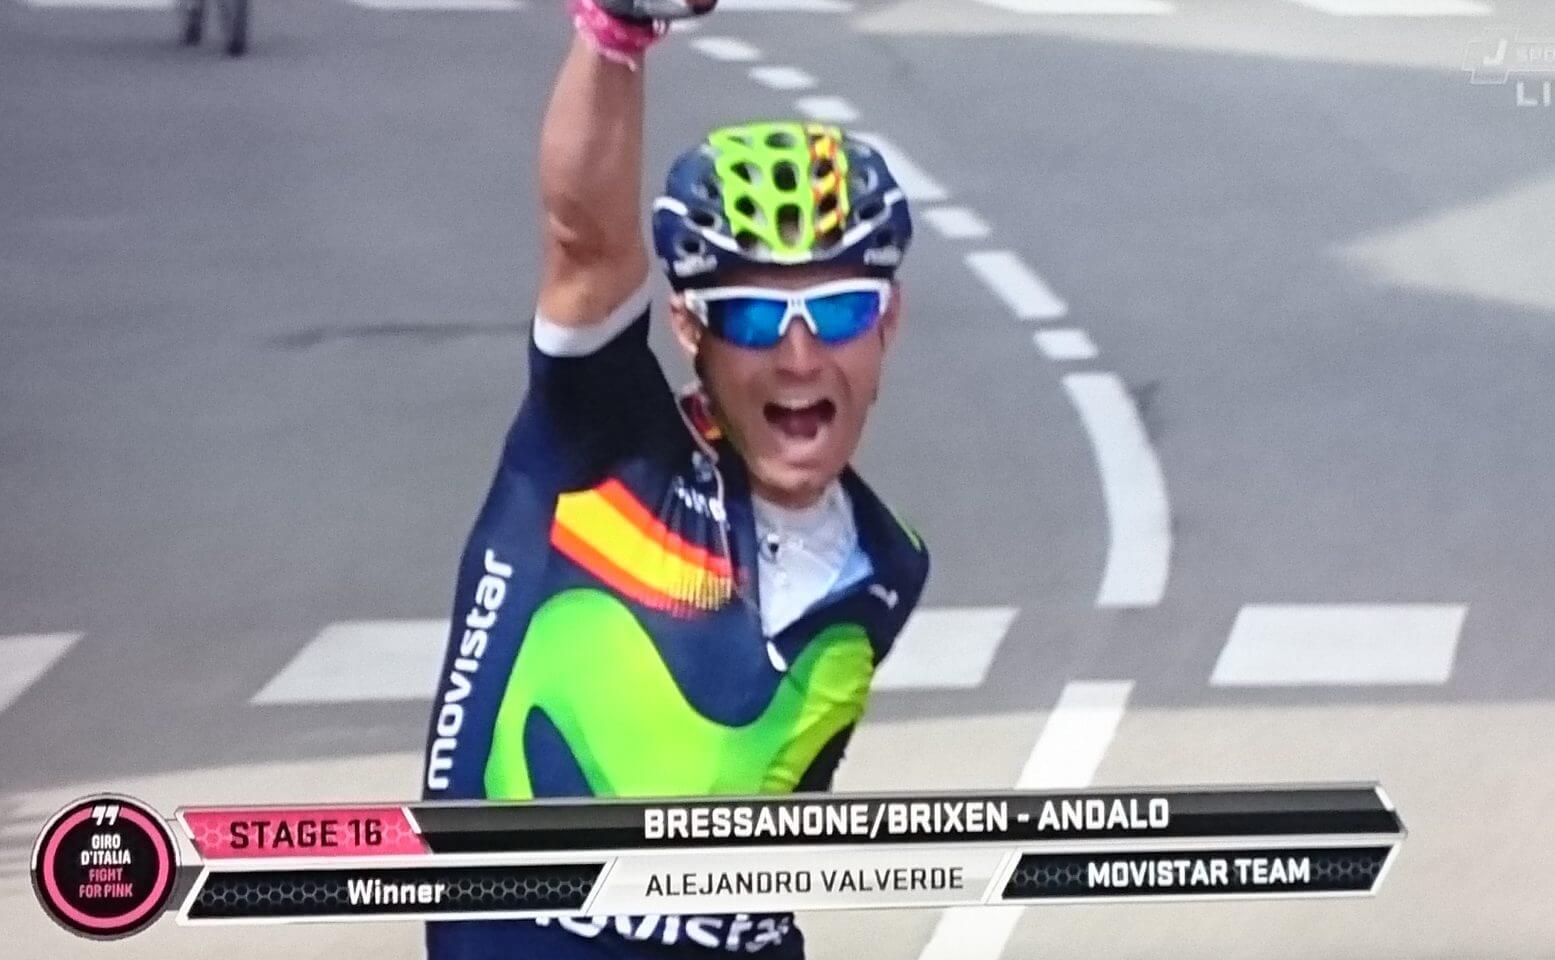 バルベルデ ジロ初優勝